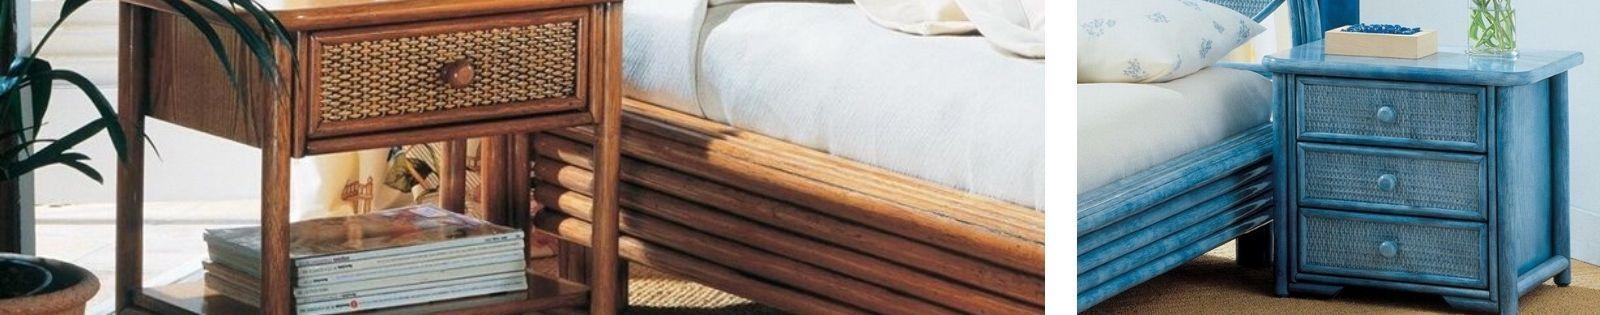 Chevets en rotin : meubles haut de gamme de fabrication espagnole.